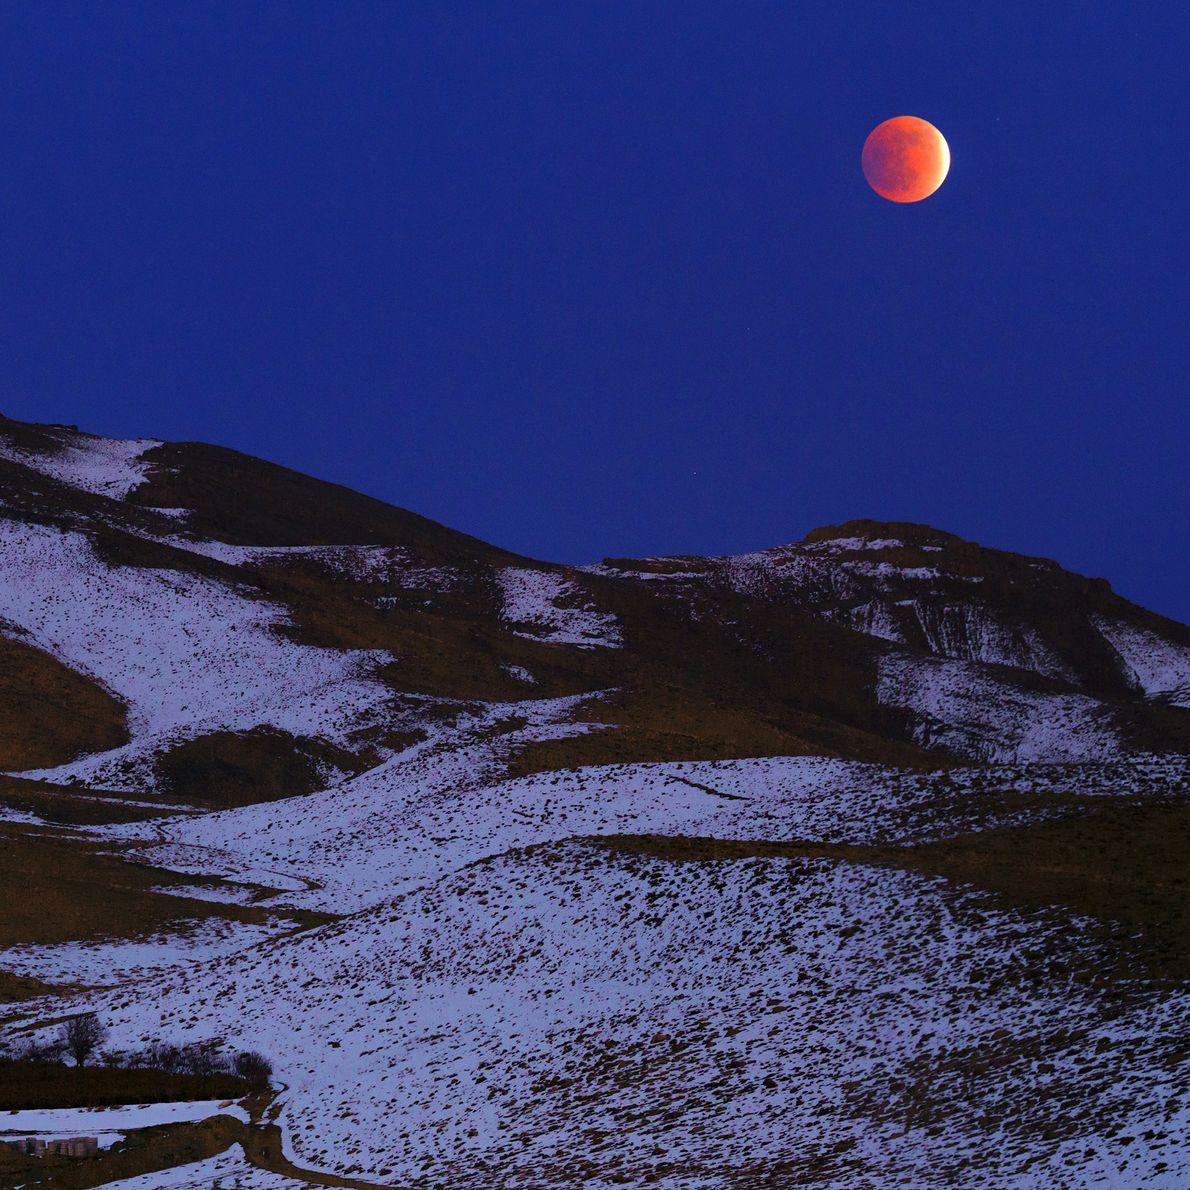 El eclipse lunar total de diciembre del 2011 brilla en el cielo de la tarde sobre ...